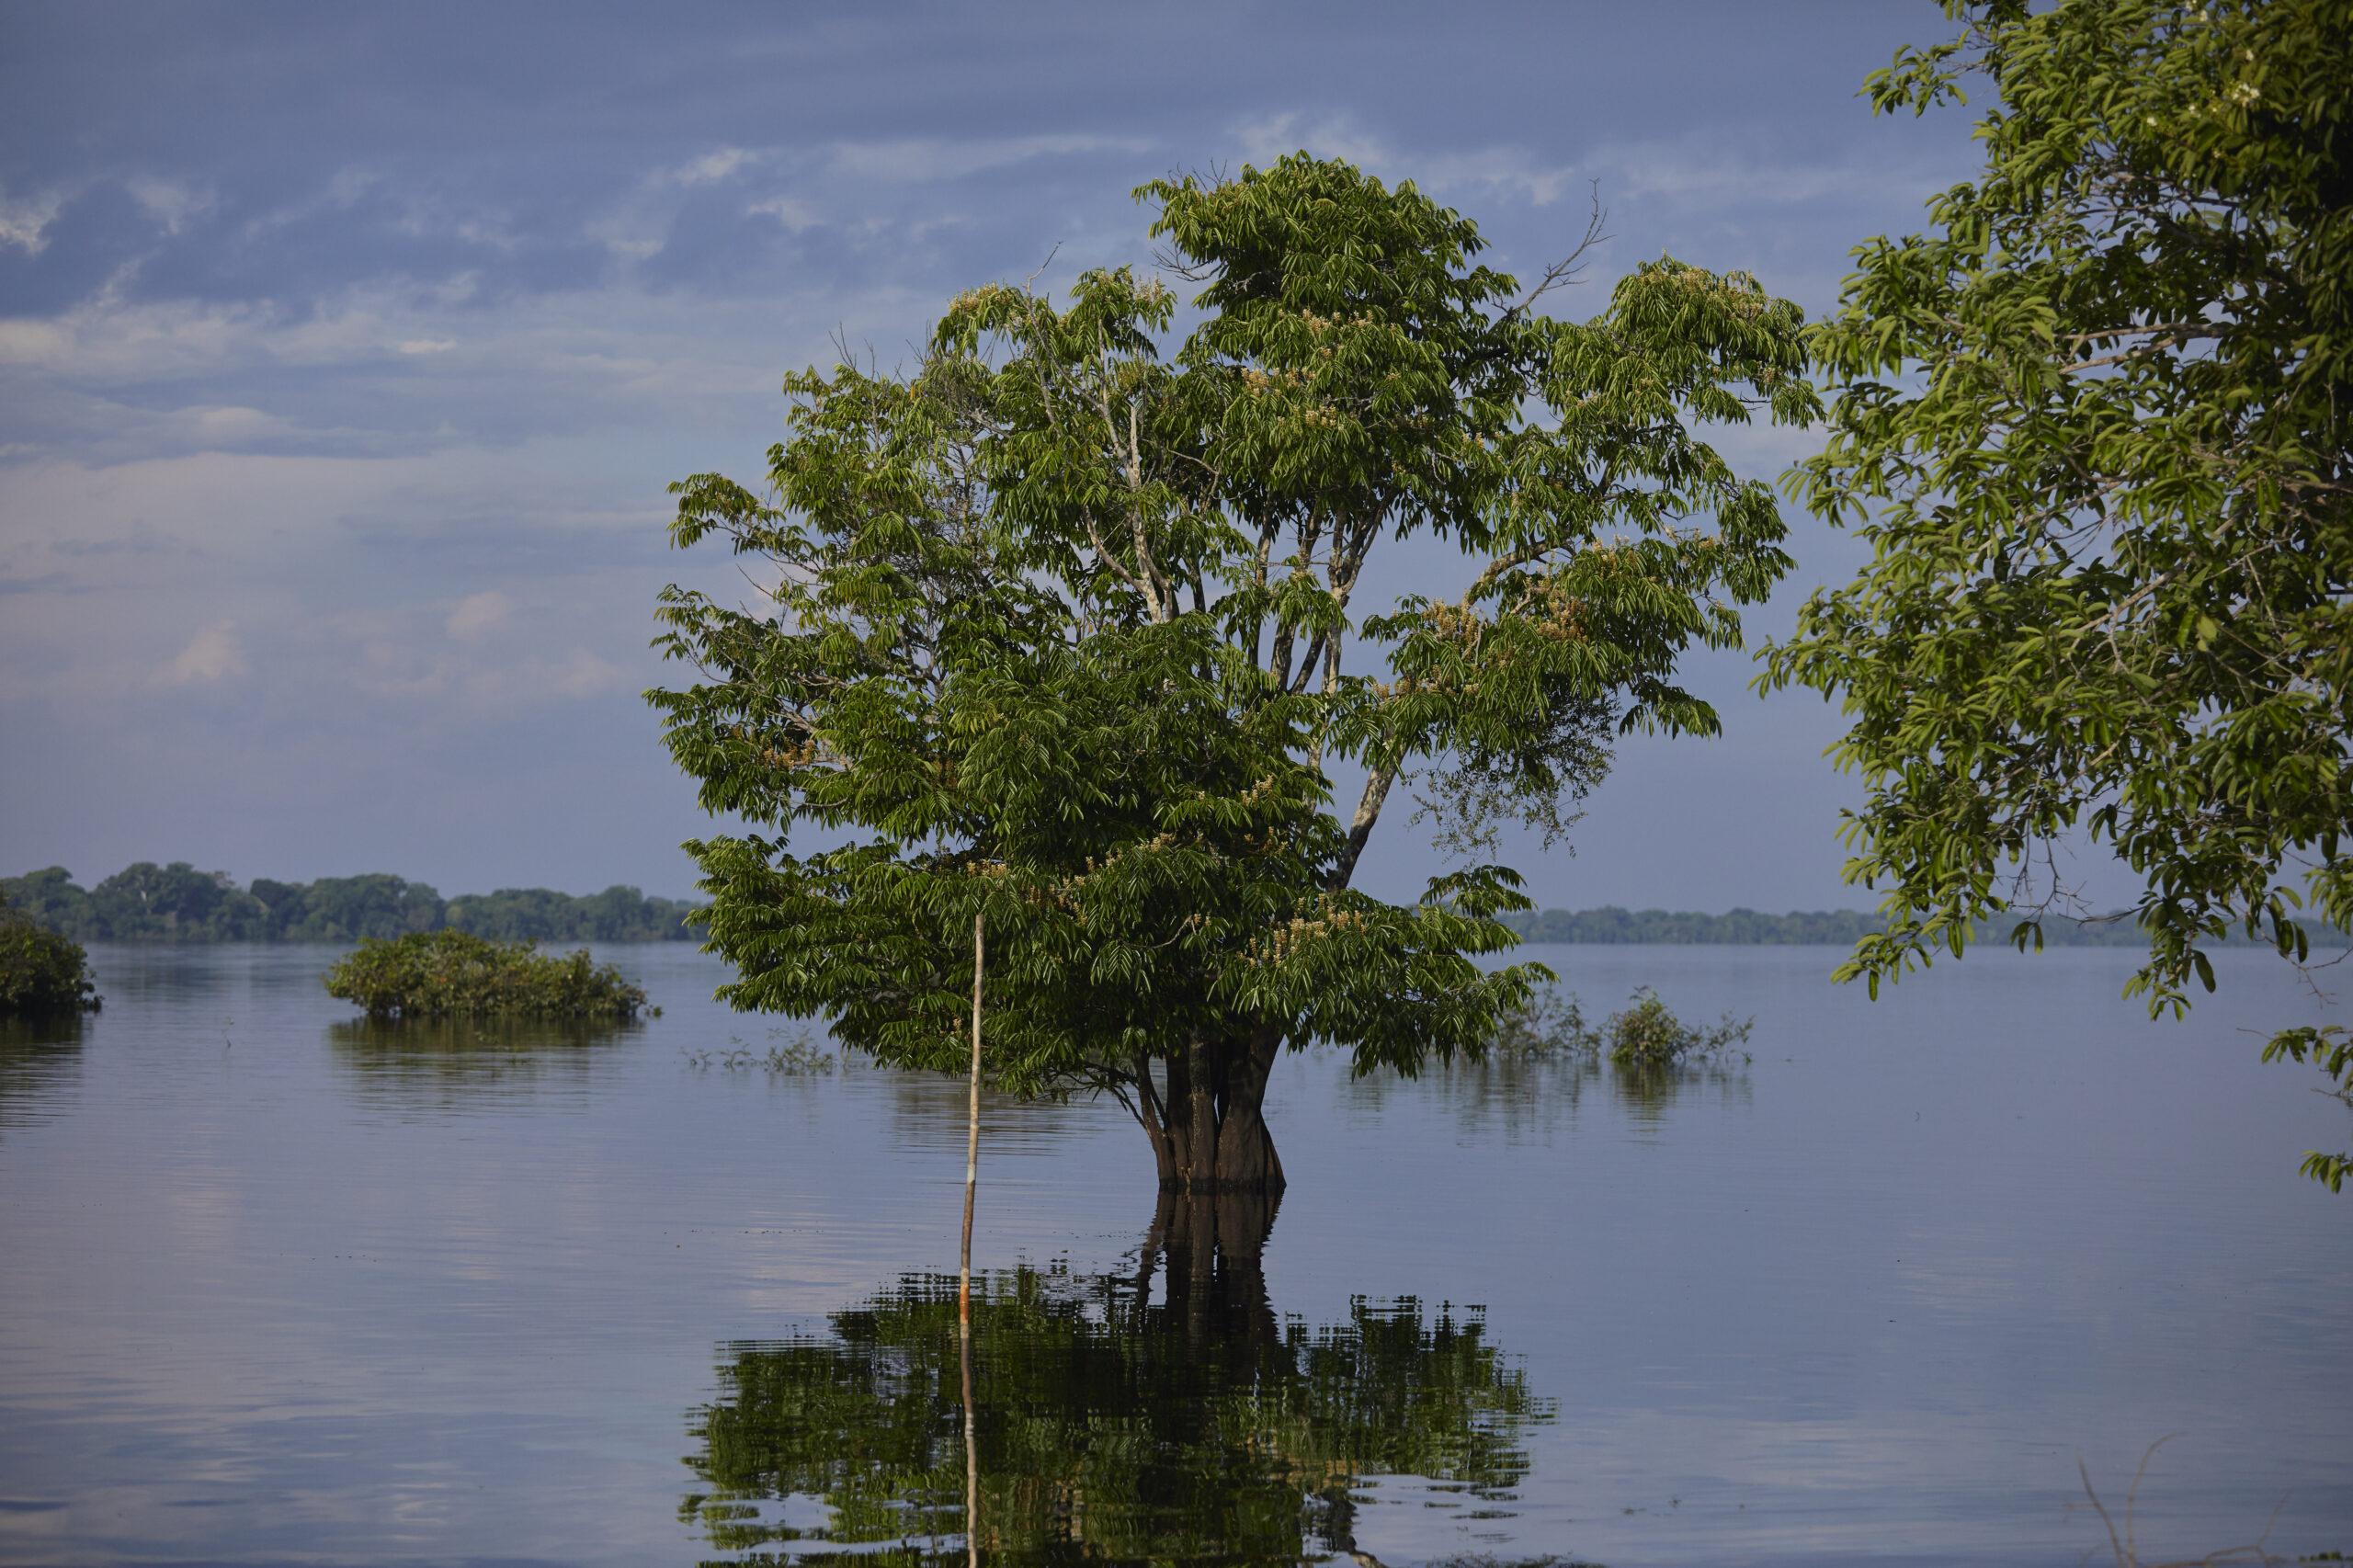 Soluções para conservação de florestas e da biodiversidade são apresentadas em evento virtual da SDSN  Amazônia